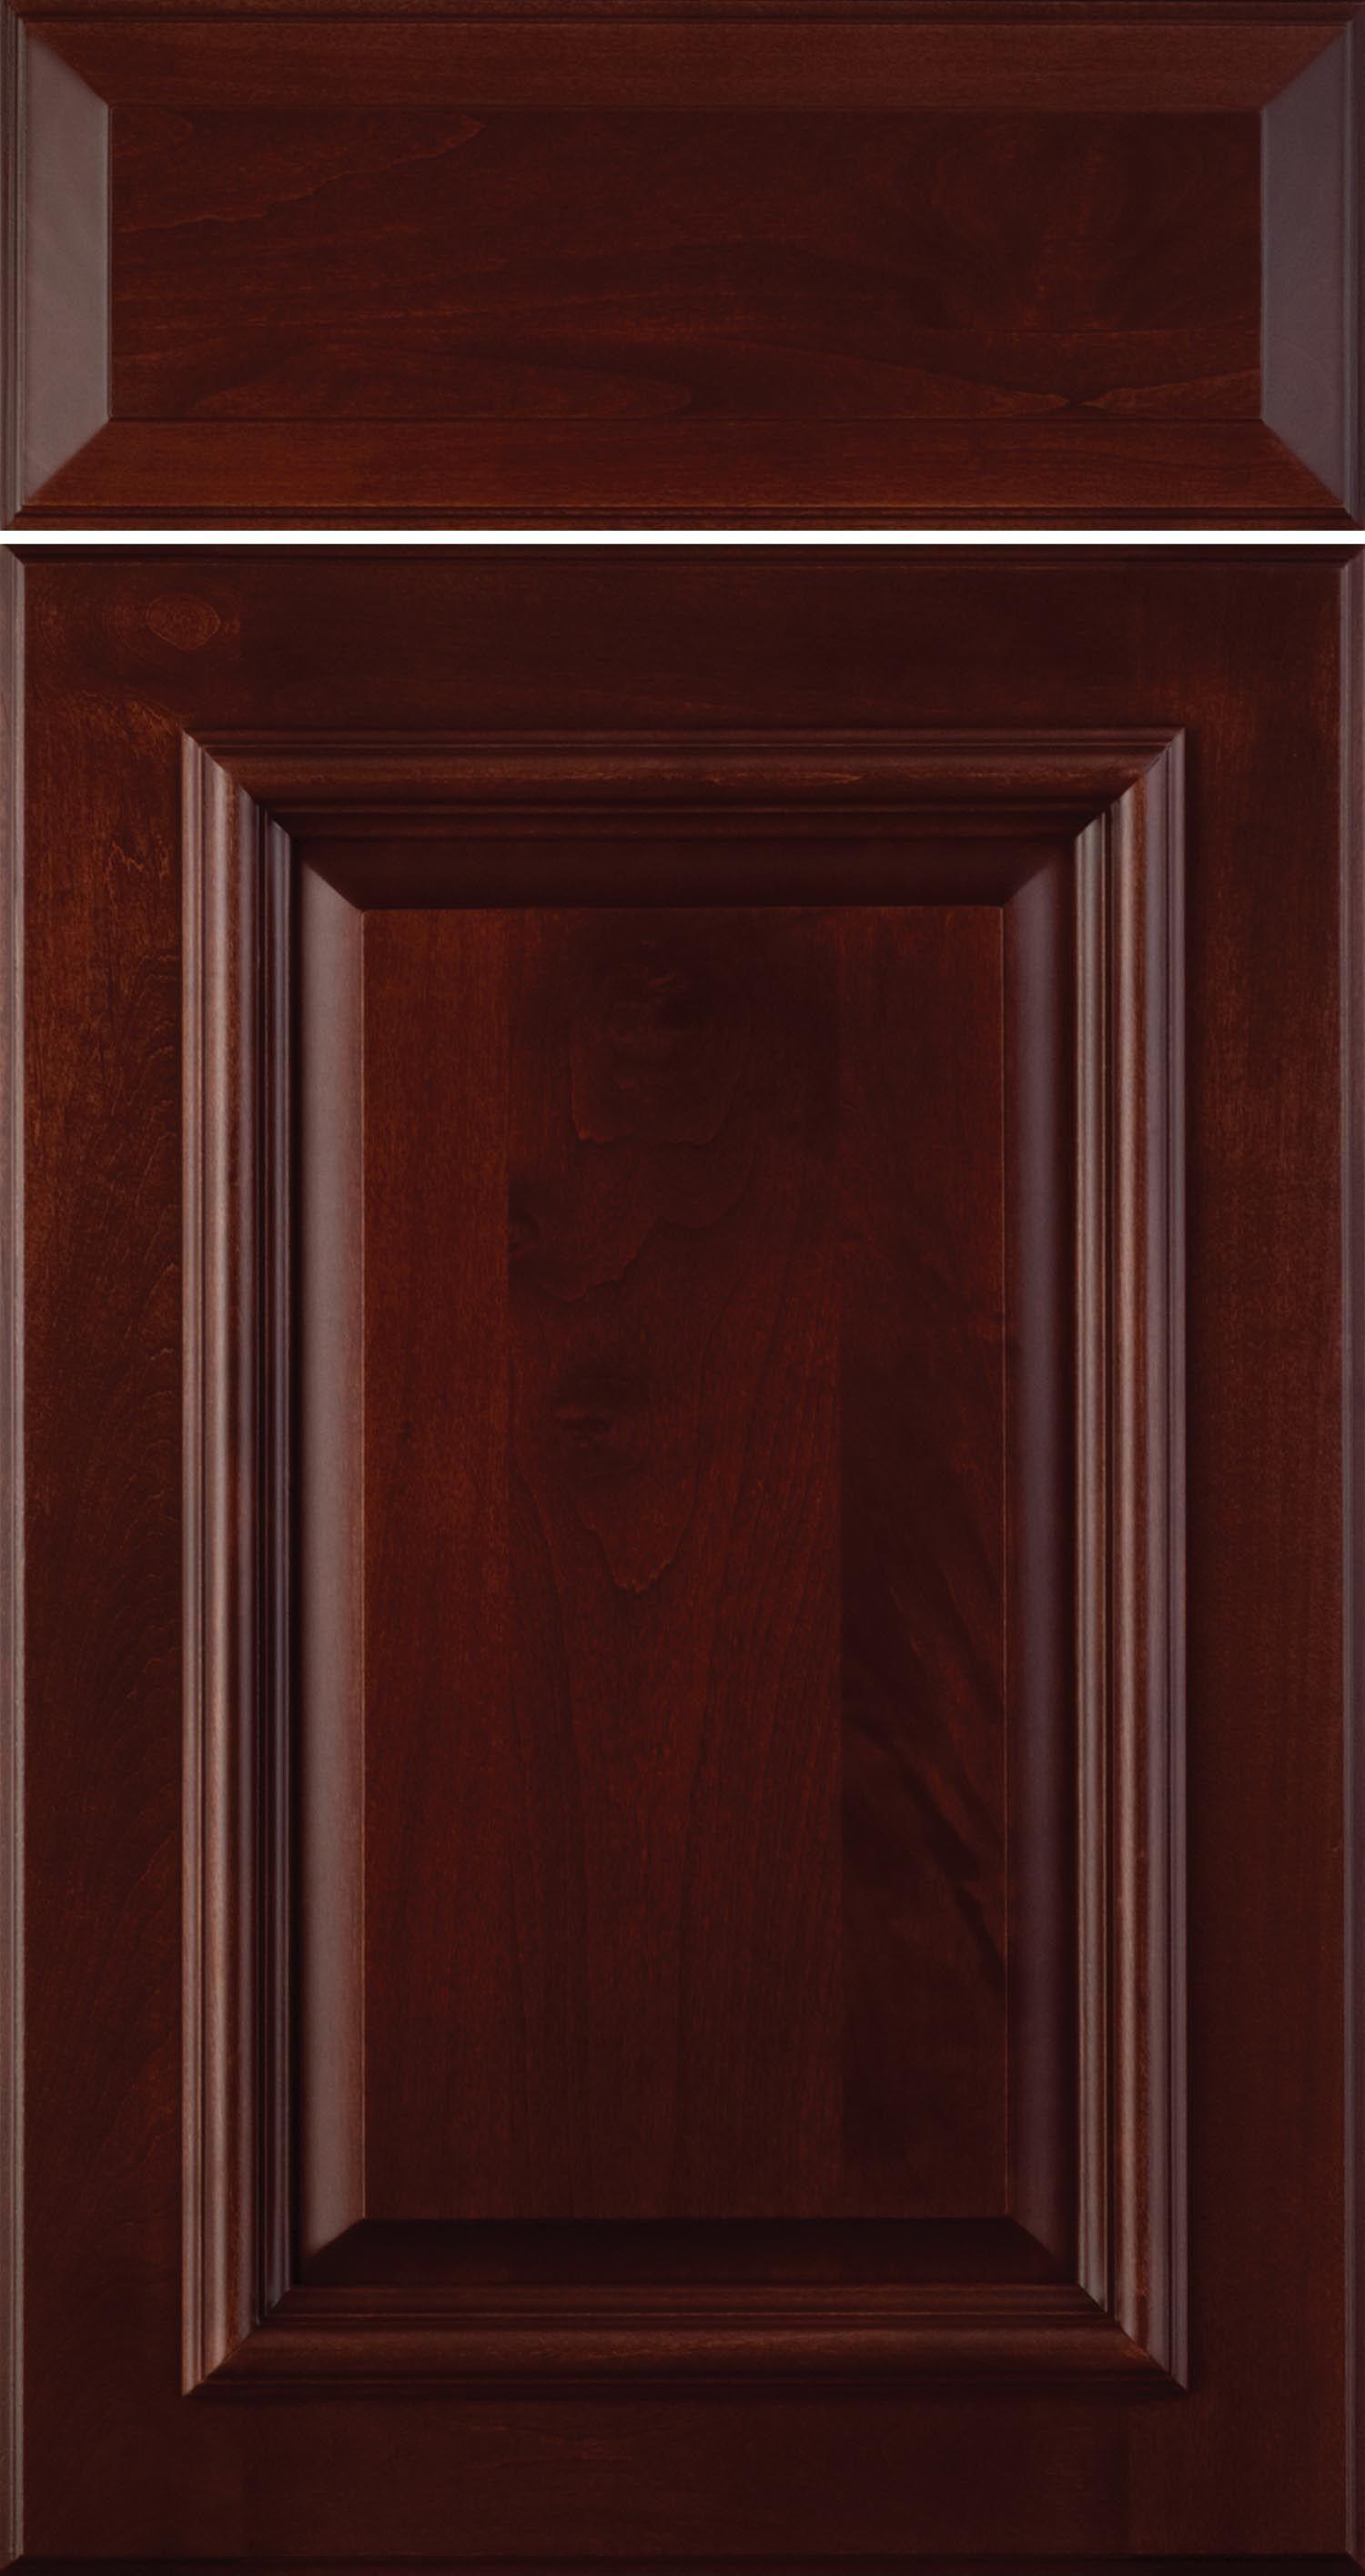 Needham 325d Alder Cabernet With Brown Glaze Cabinet Doors Doors Drawer Fronts